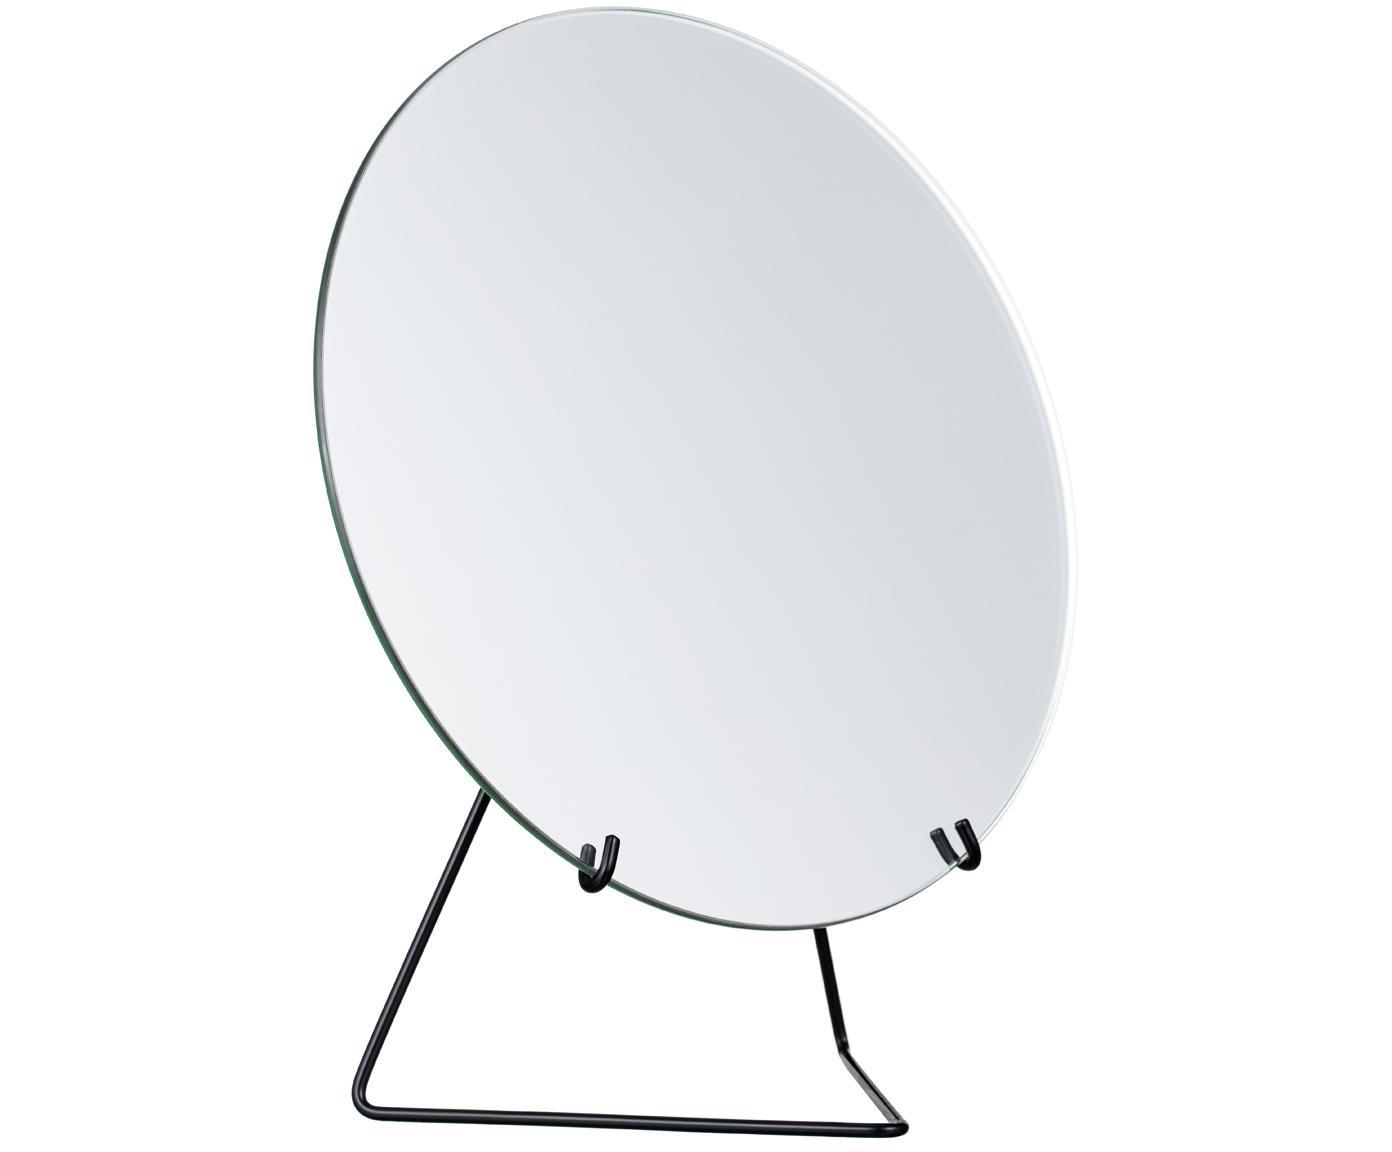 Specchio cosmetico Standing Mirror, Cornice: acciaio, verniciato a pol, Struttura: nero Specchio: lastra di vetro, L 20 x A 23 cm